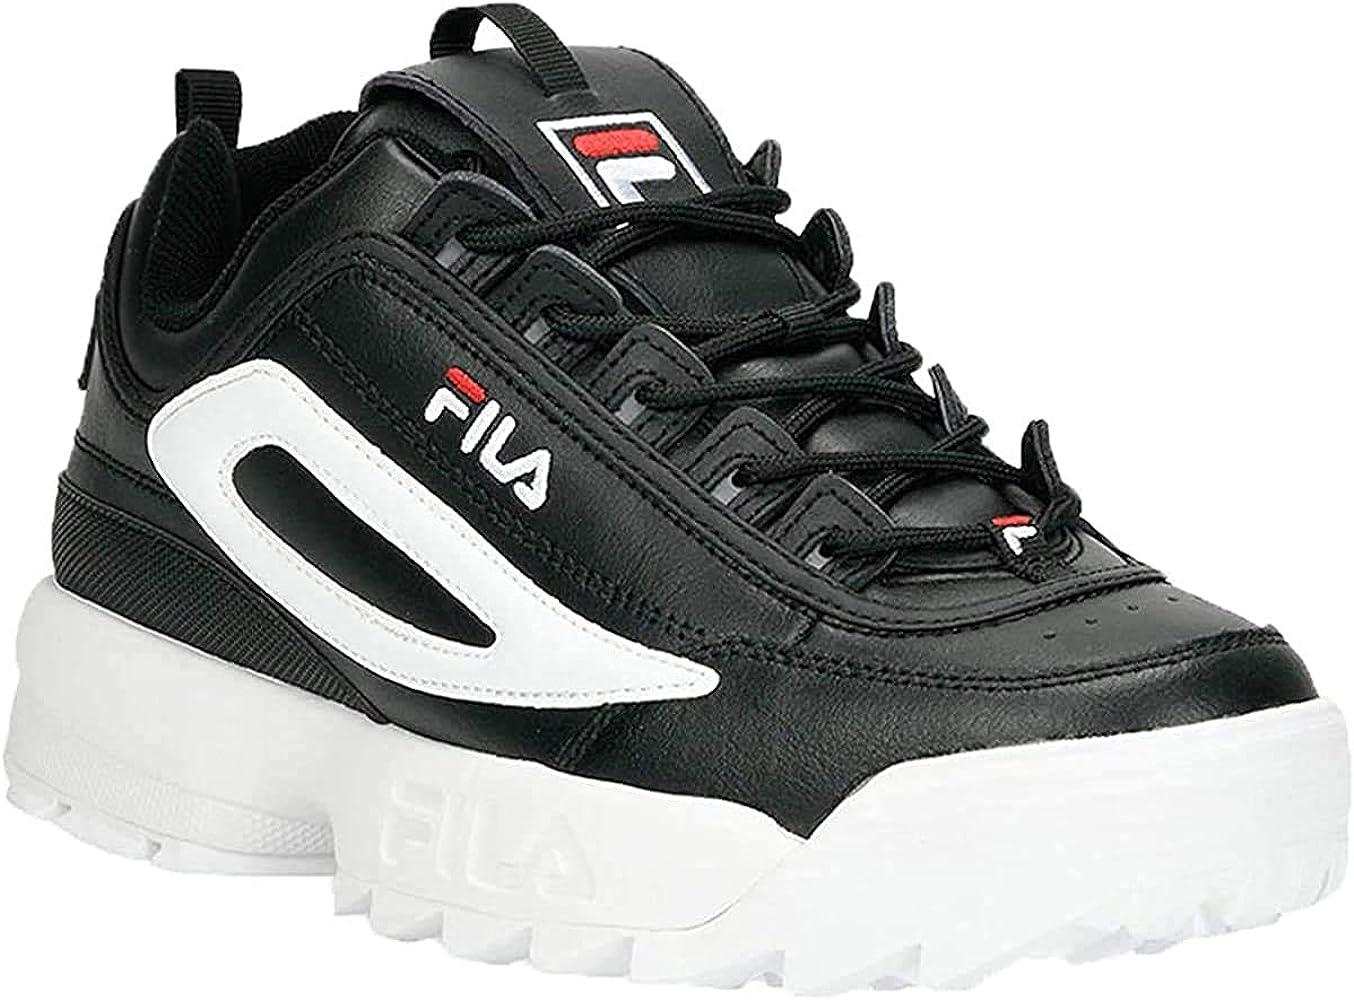 Fila Mens Disruptor II XL Leather Black